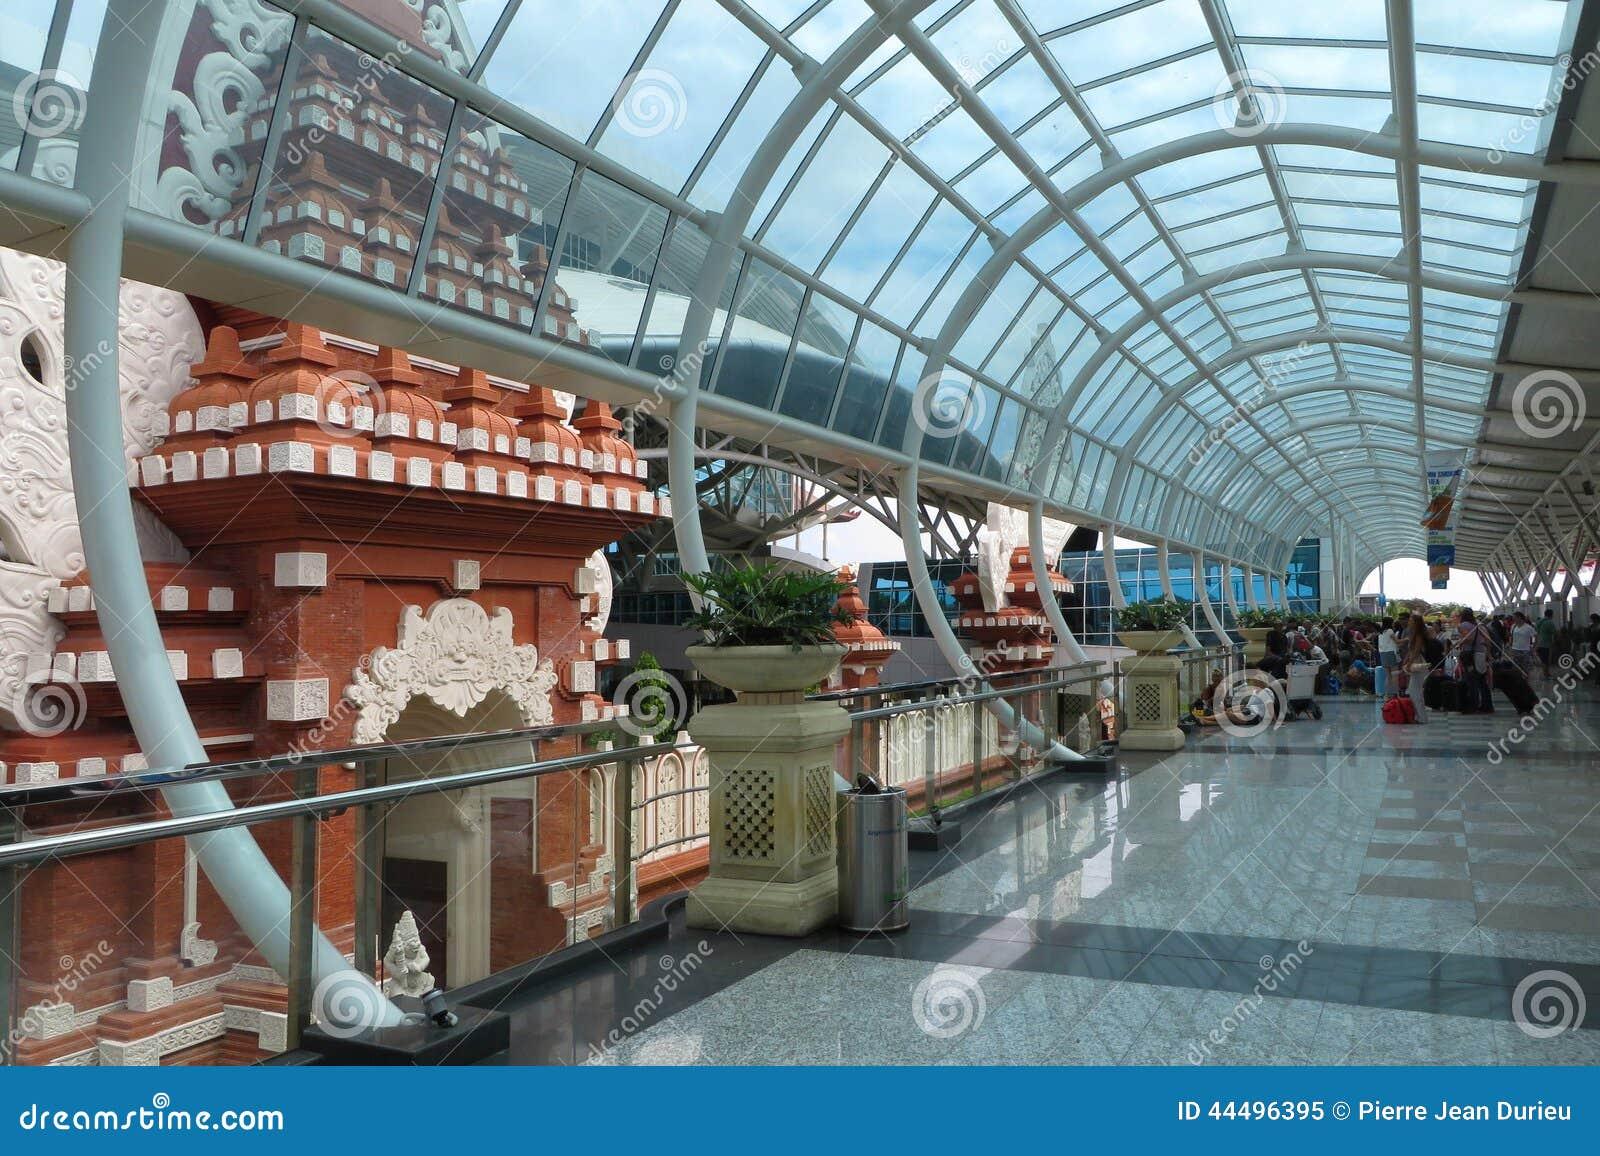 Aeroporto Denpasar : Aéroport international de denpasar image éditorial